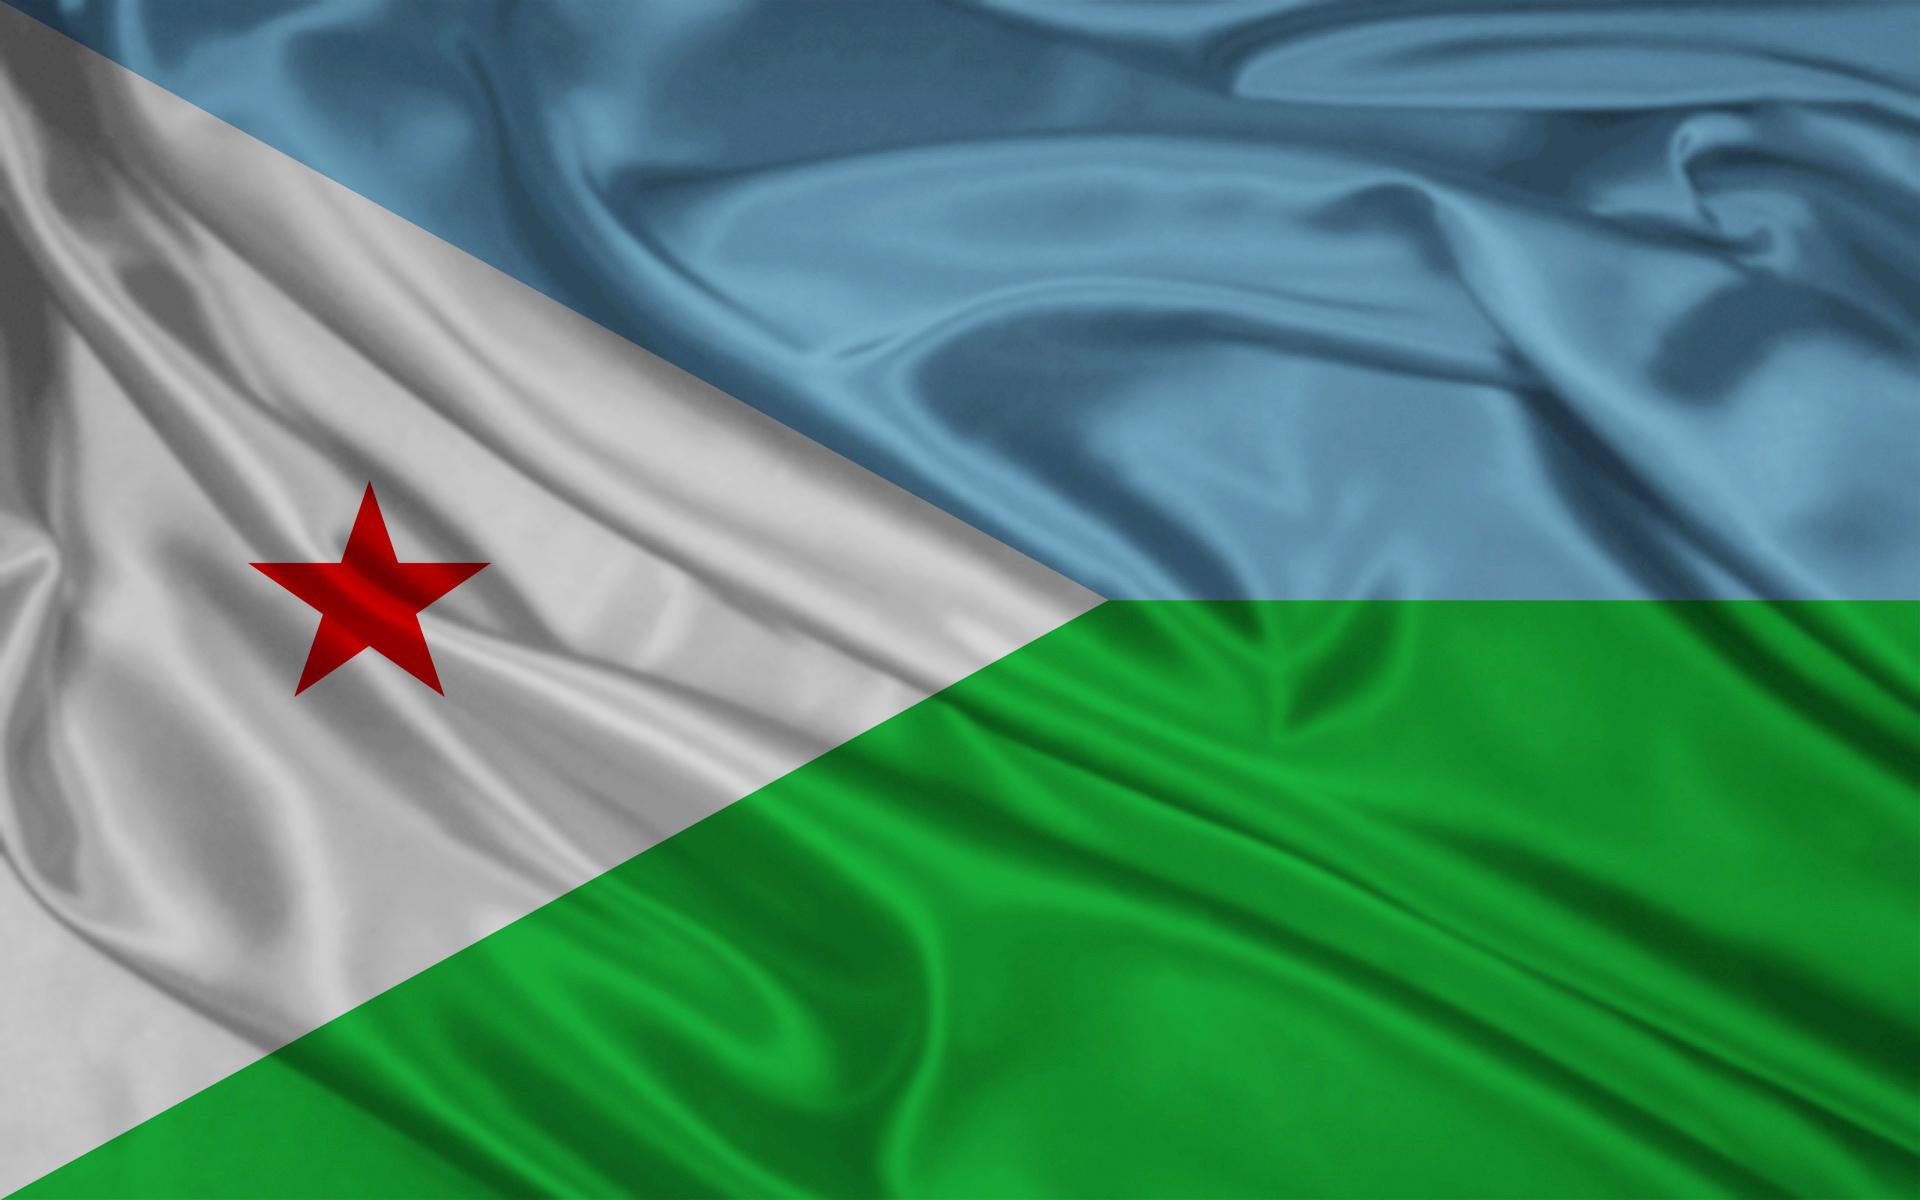 Djibouti Flag wallpapers Djibouti Flag stock photos 1920x1200